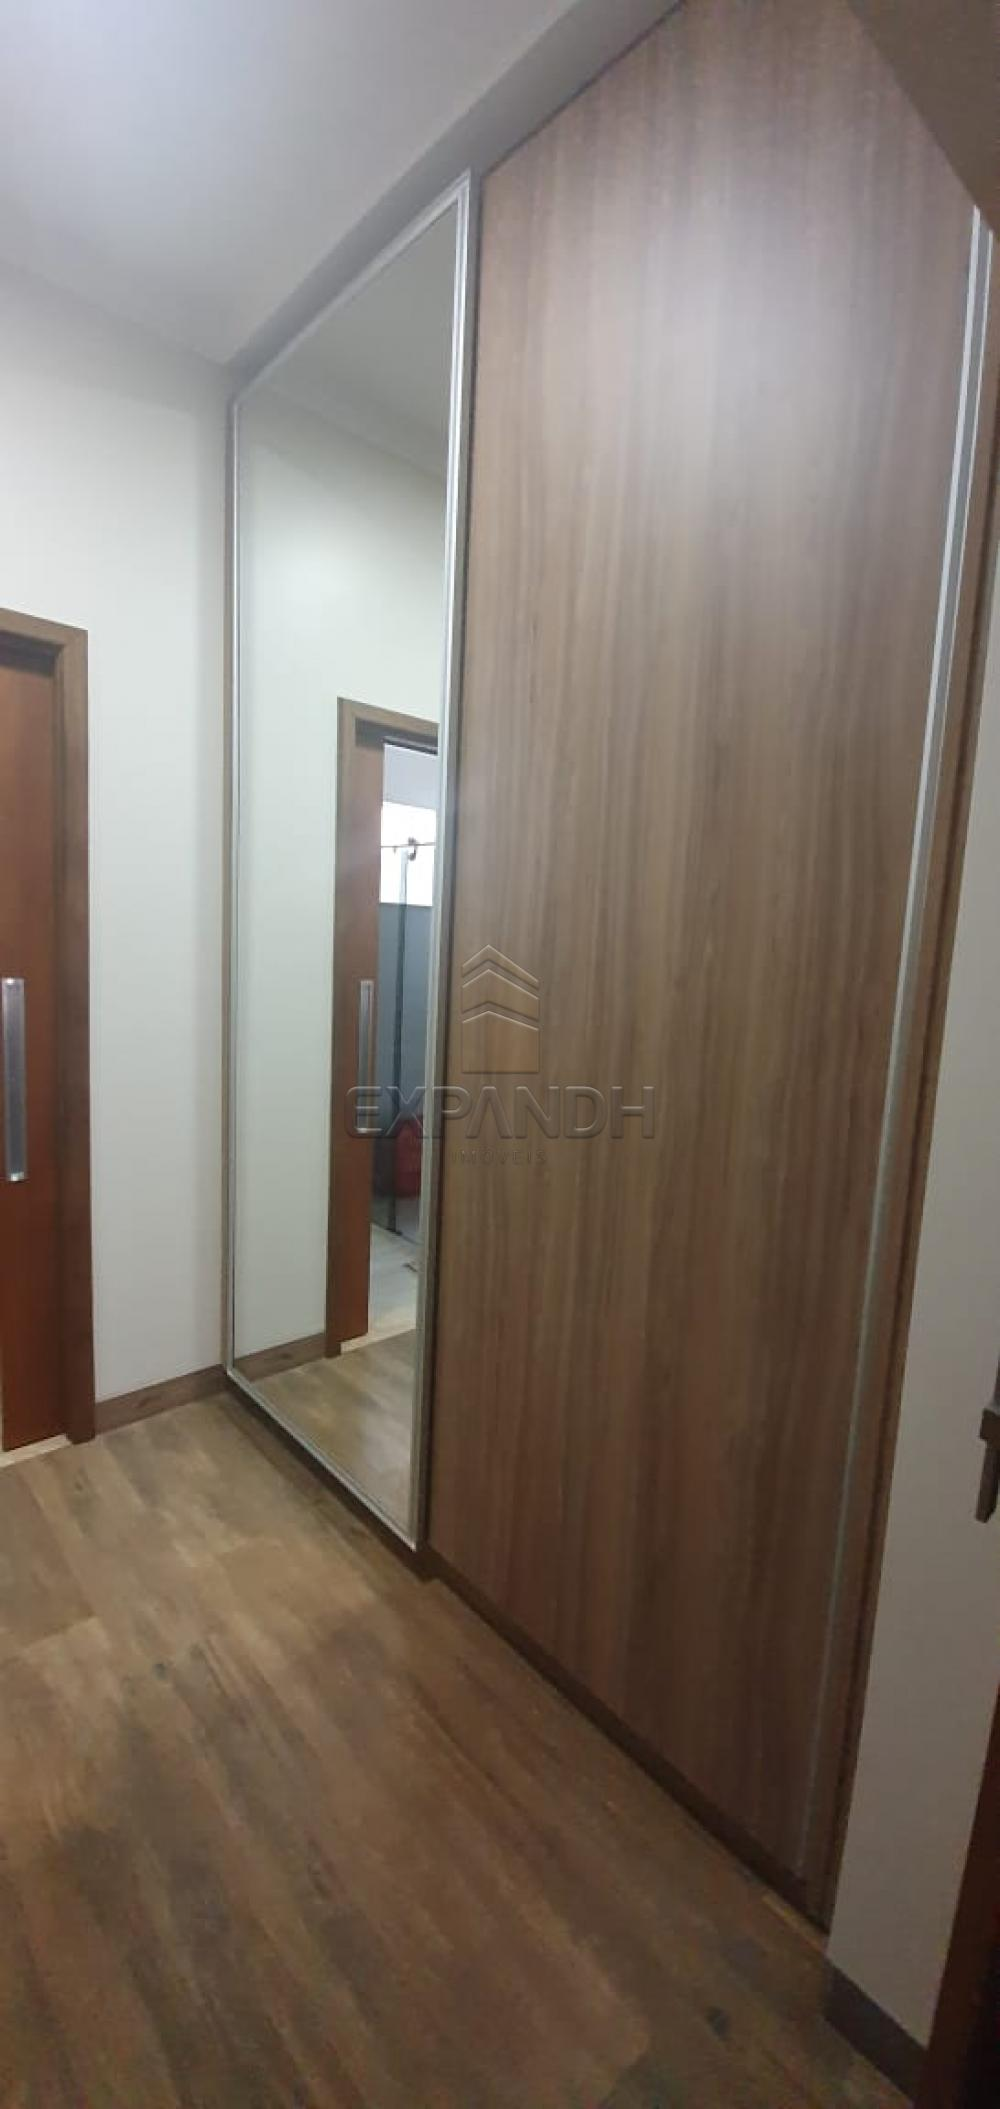 Comprar Casas / Padrão em Sertãozinho R$ 590.000,00 - Foto 23